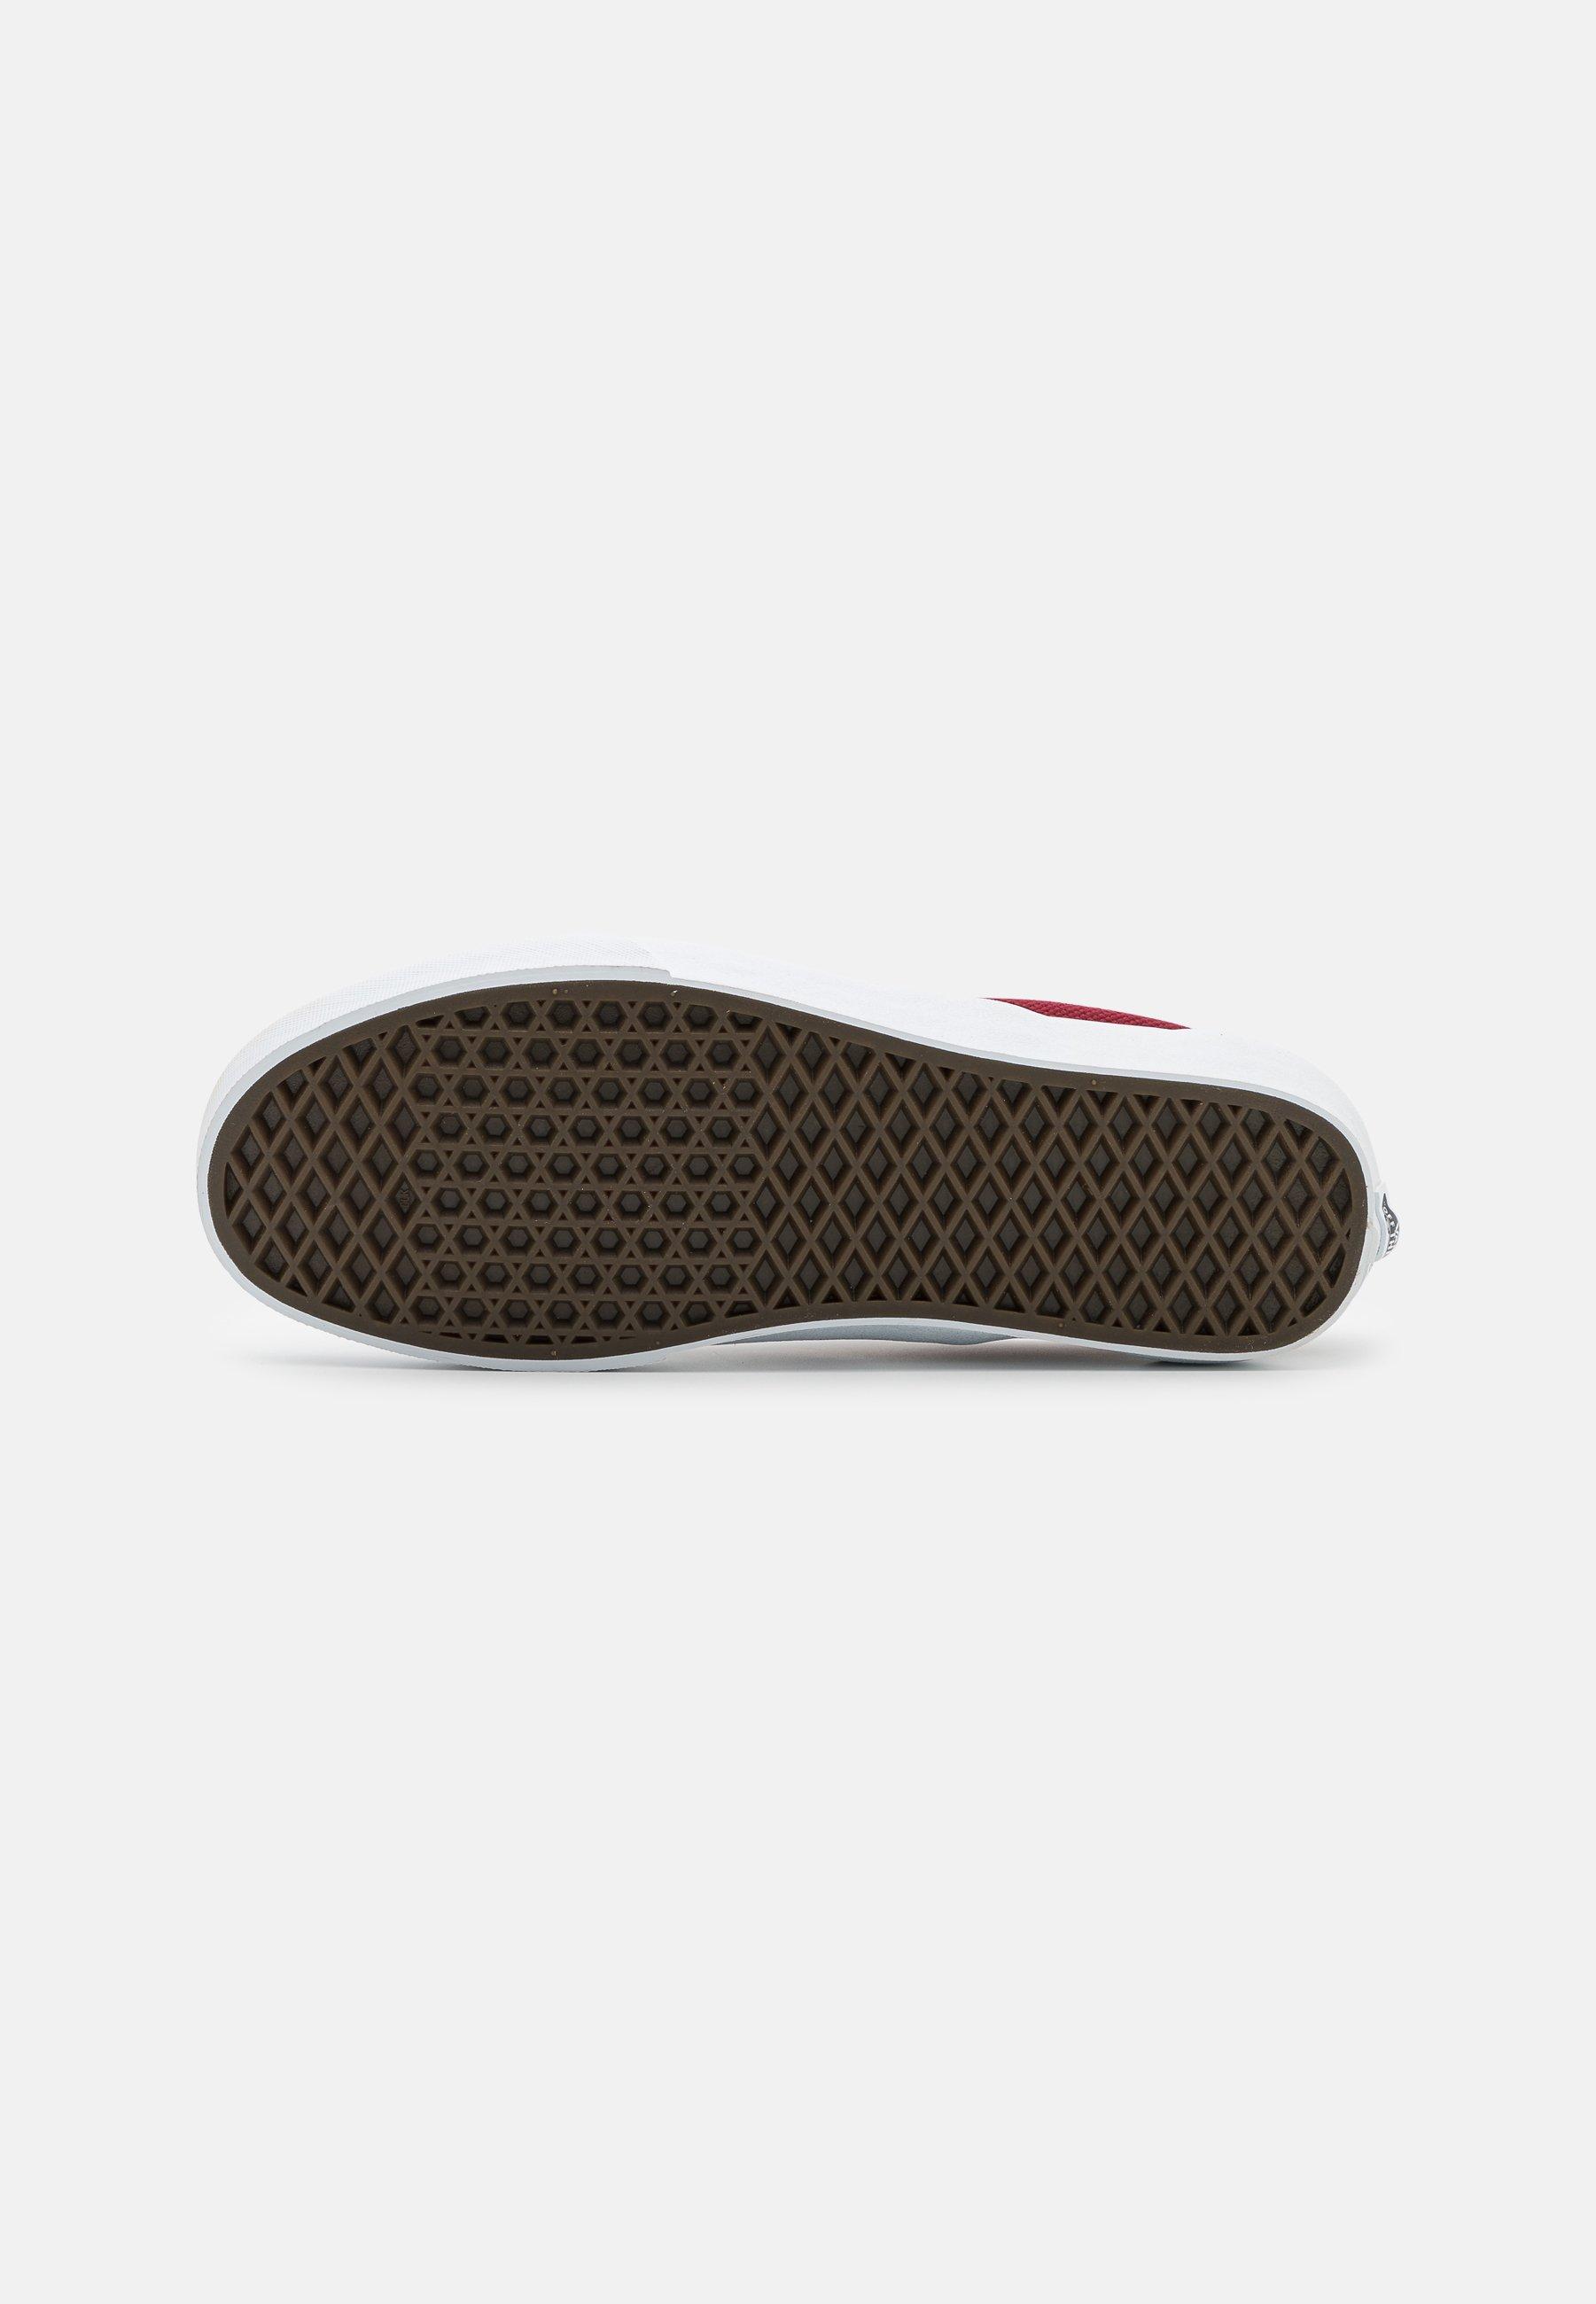 Donna CLASSIC SLIP-ON UNISEX - Scarpe senza lacci